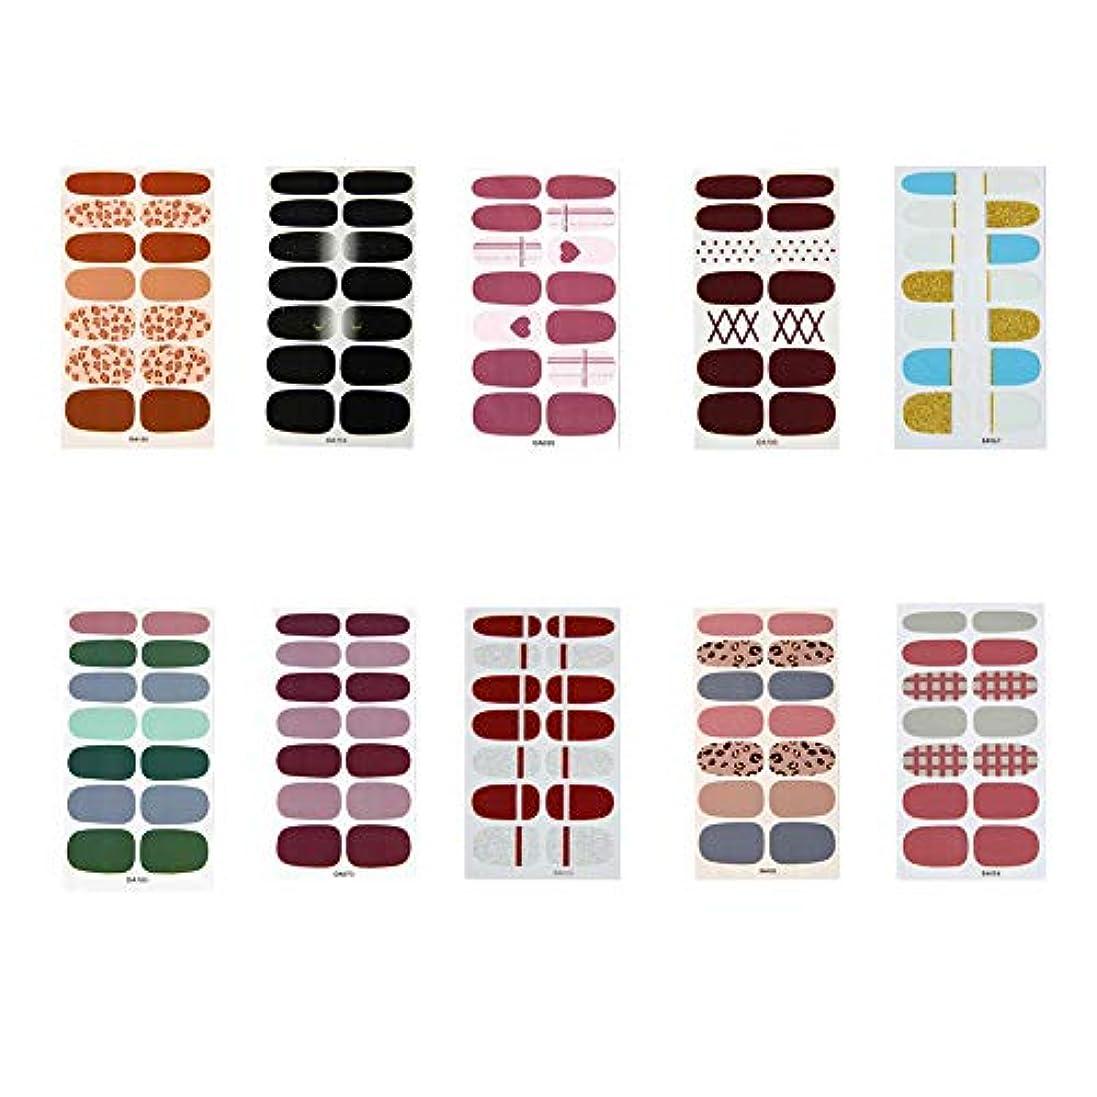 舗装する免除するスマッシュPoonikuuDIYネイル ネイルアートアクセサリー ネイルデザイン ネイルステッカー ネイルシール ネイル飾り 可愛い高級感綺麗 10枚10類